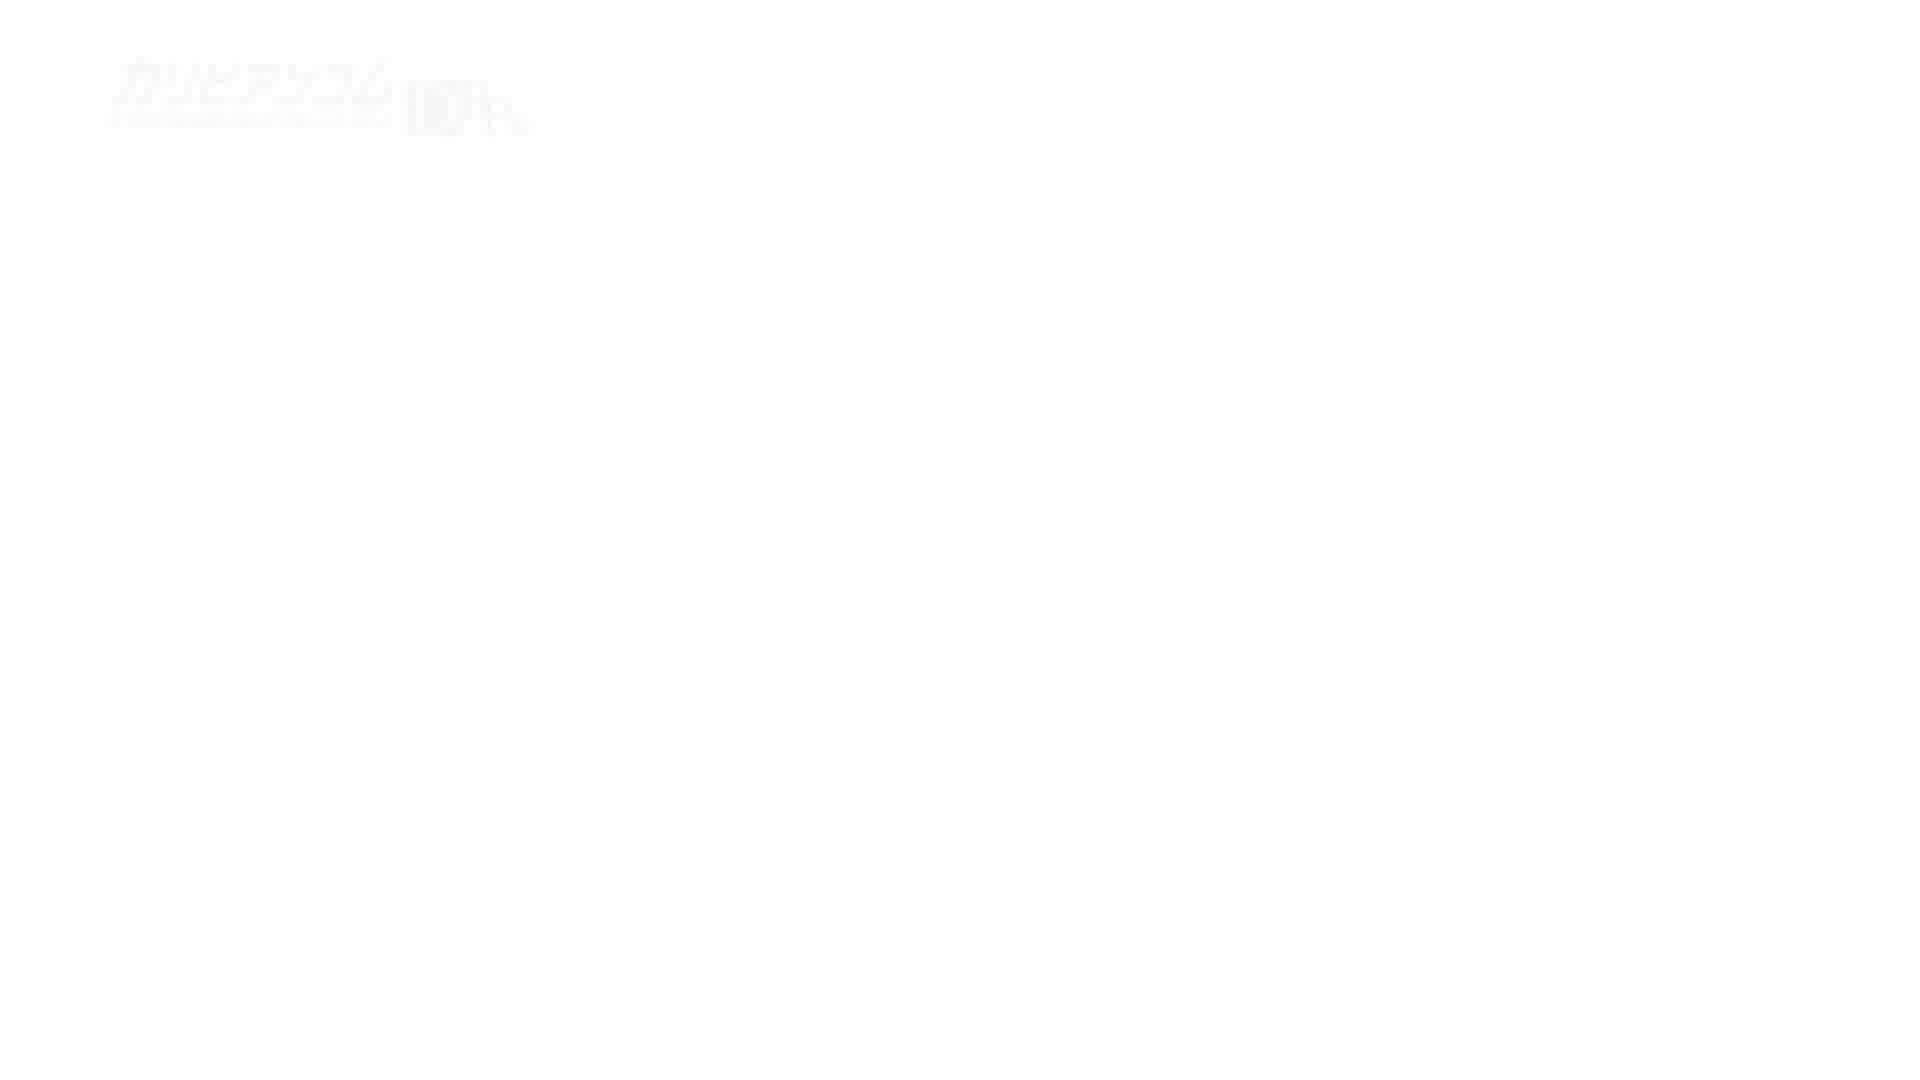 いきなり!ぶっかけ隊。Vol.11 - 北島玲【巨乳・ぶっかけ・顔射】